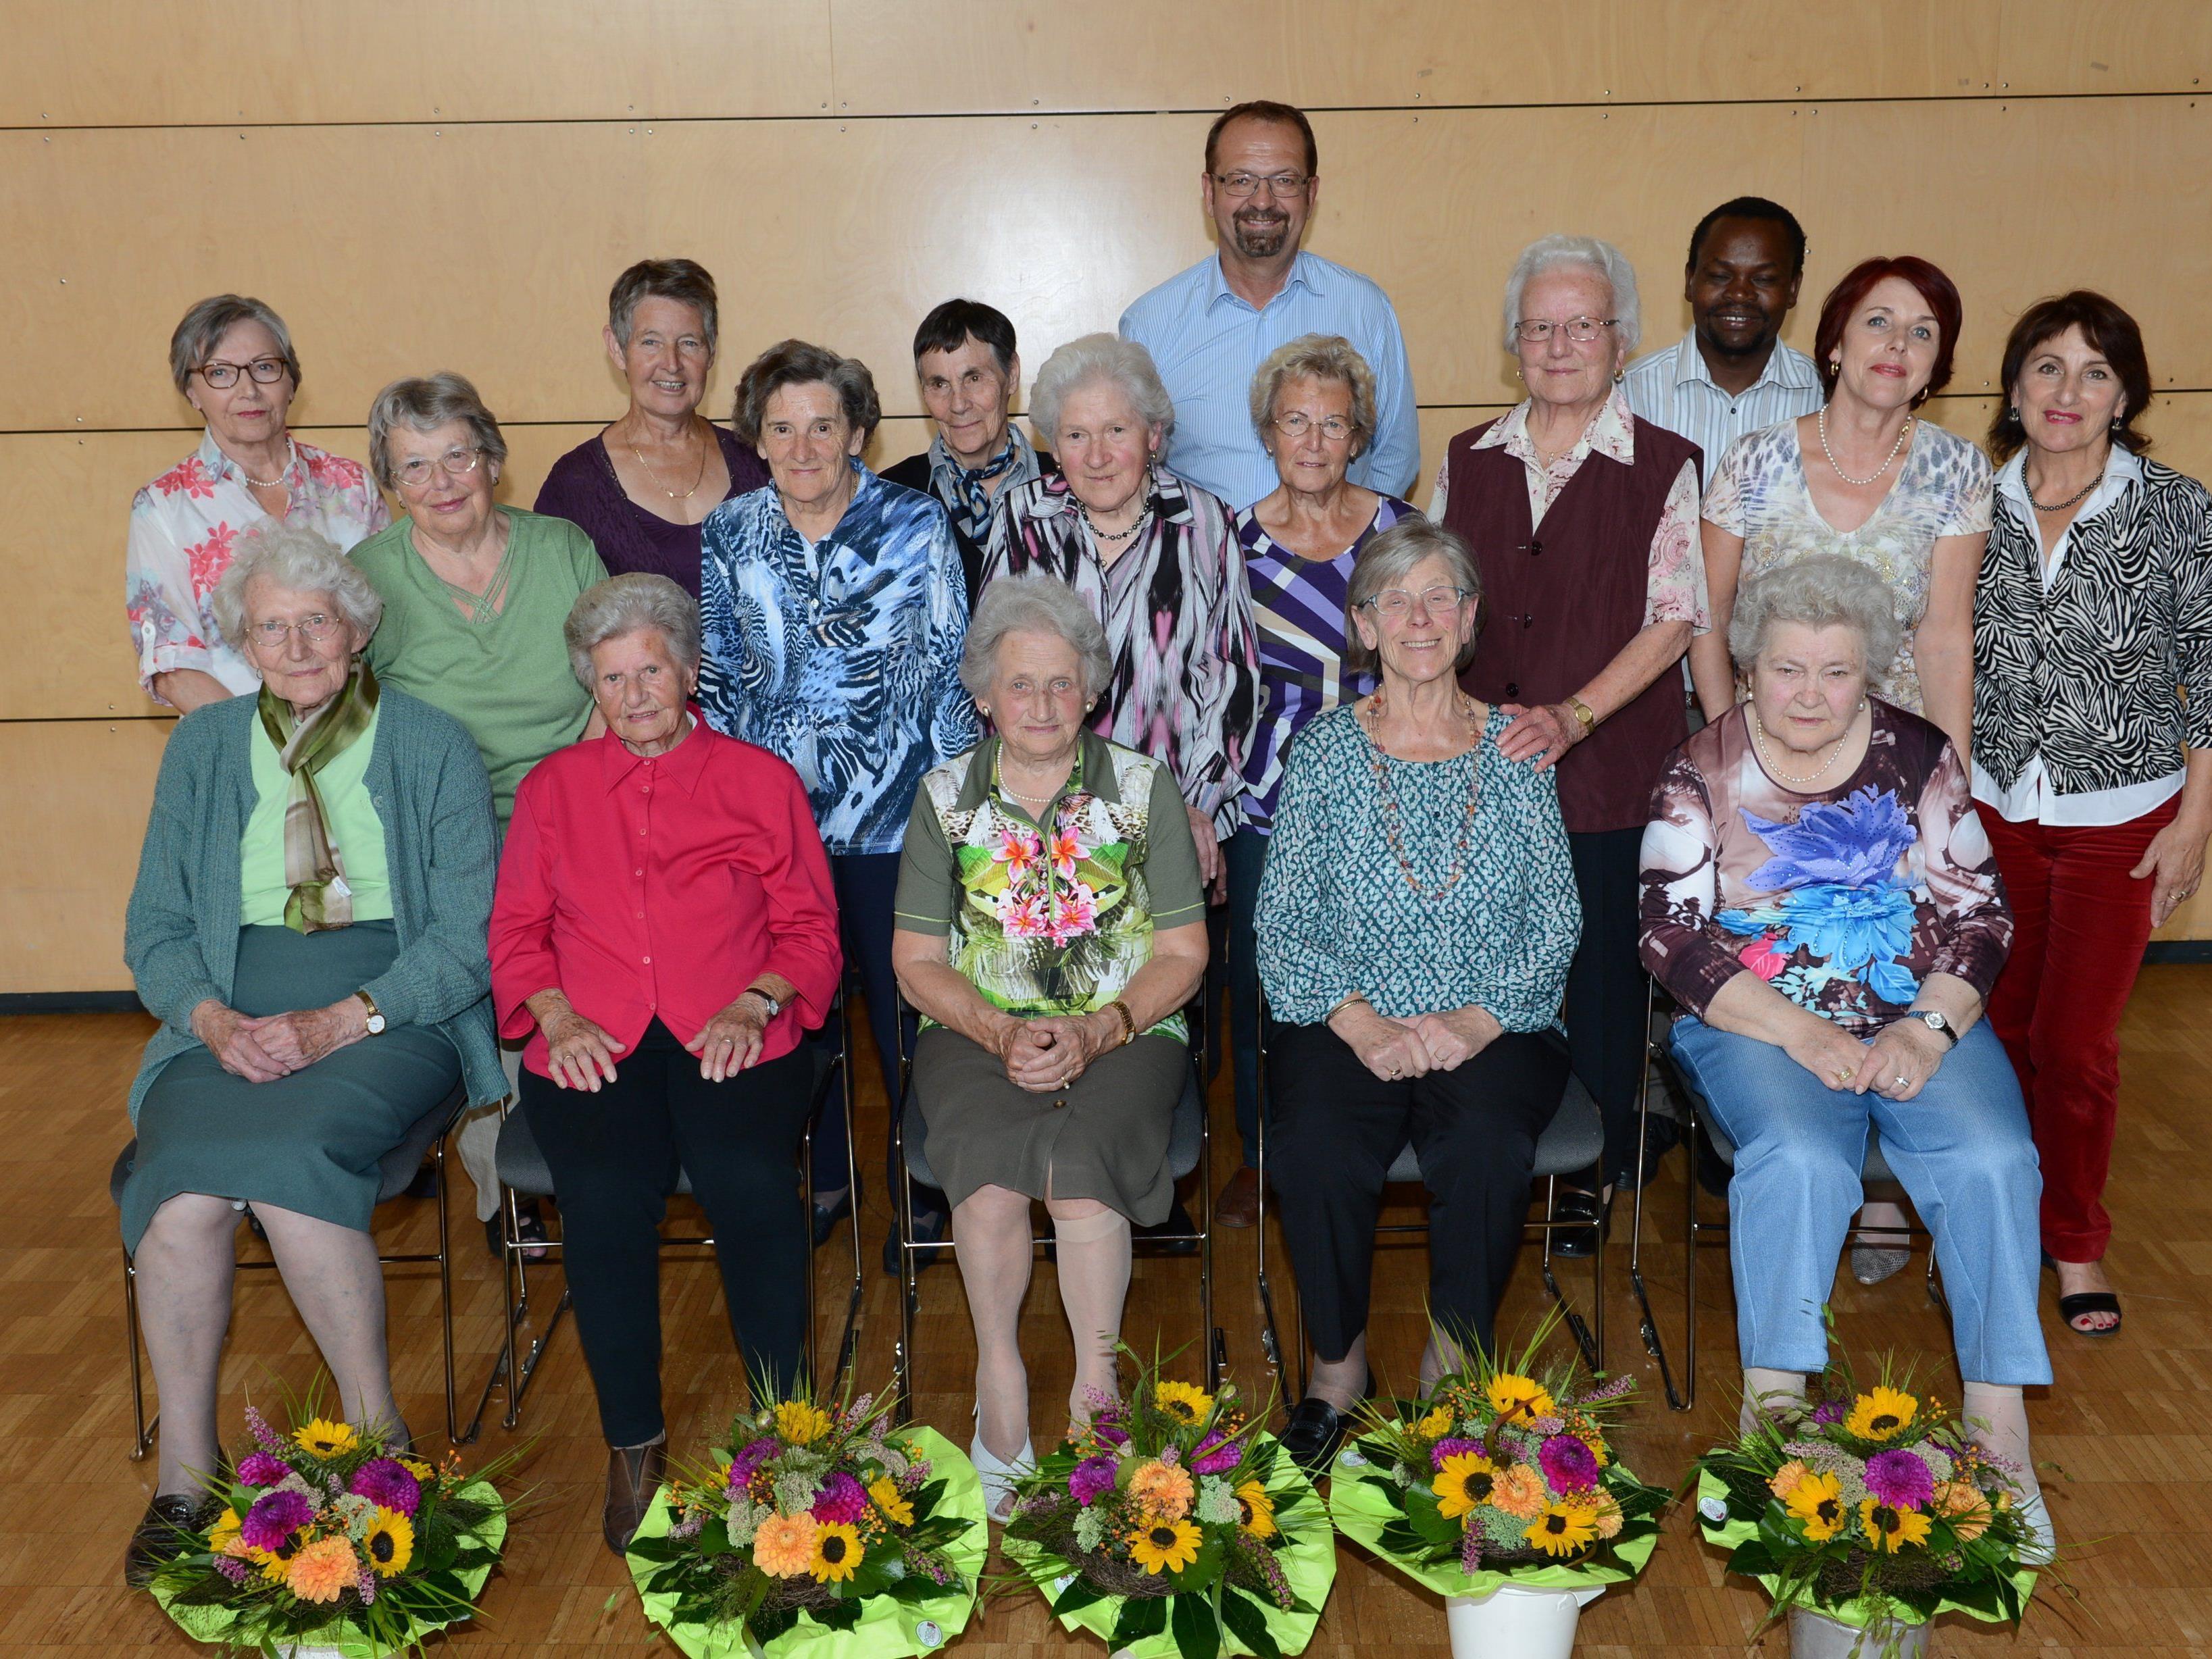 Die Geburtstagsjubilarinnen flankiert von Bürgermeister Rainer Siegele, Pastoralassistent Richard Kipkemoi Langat mit den guten Geistern…